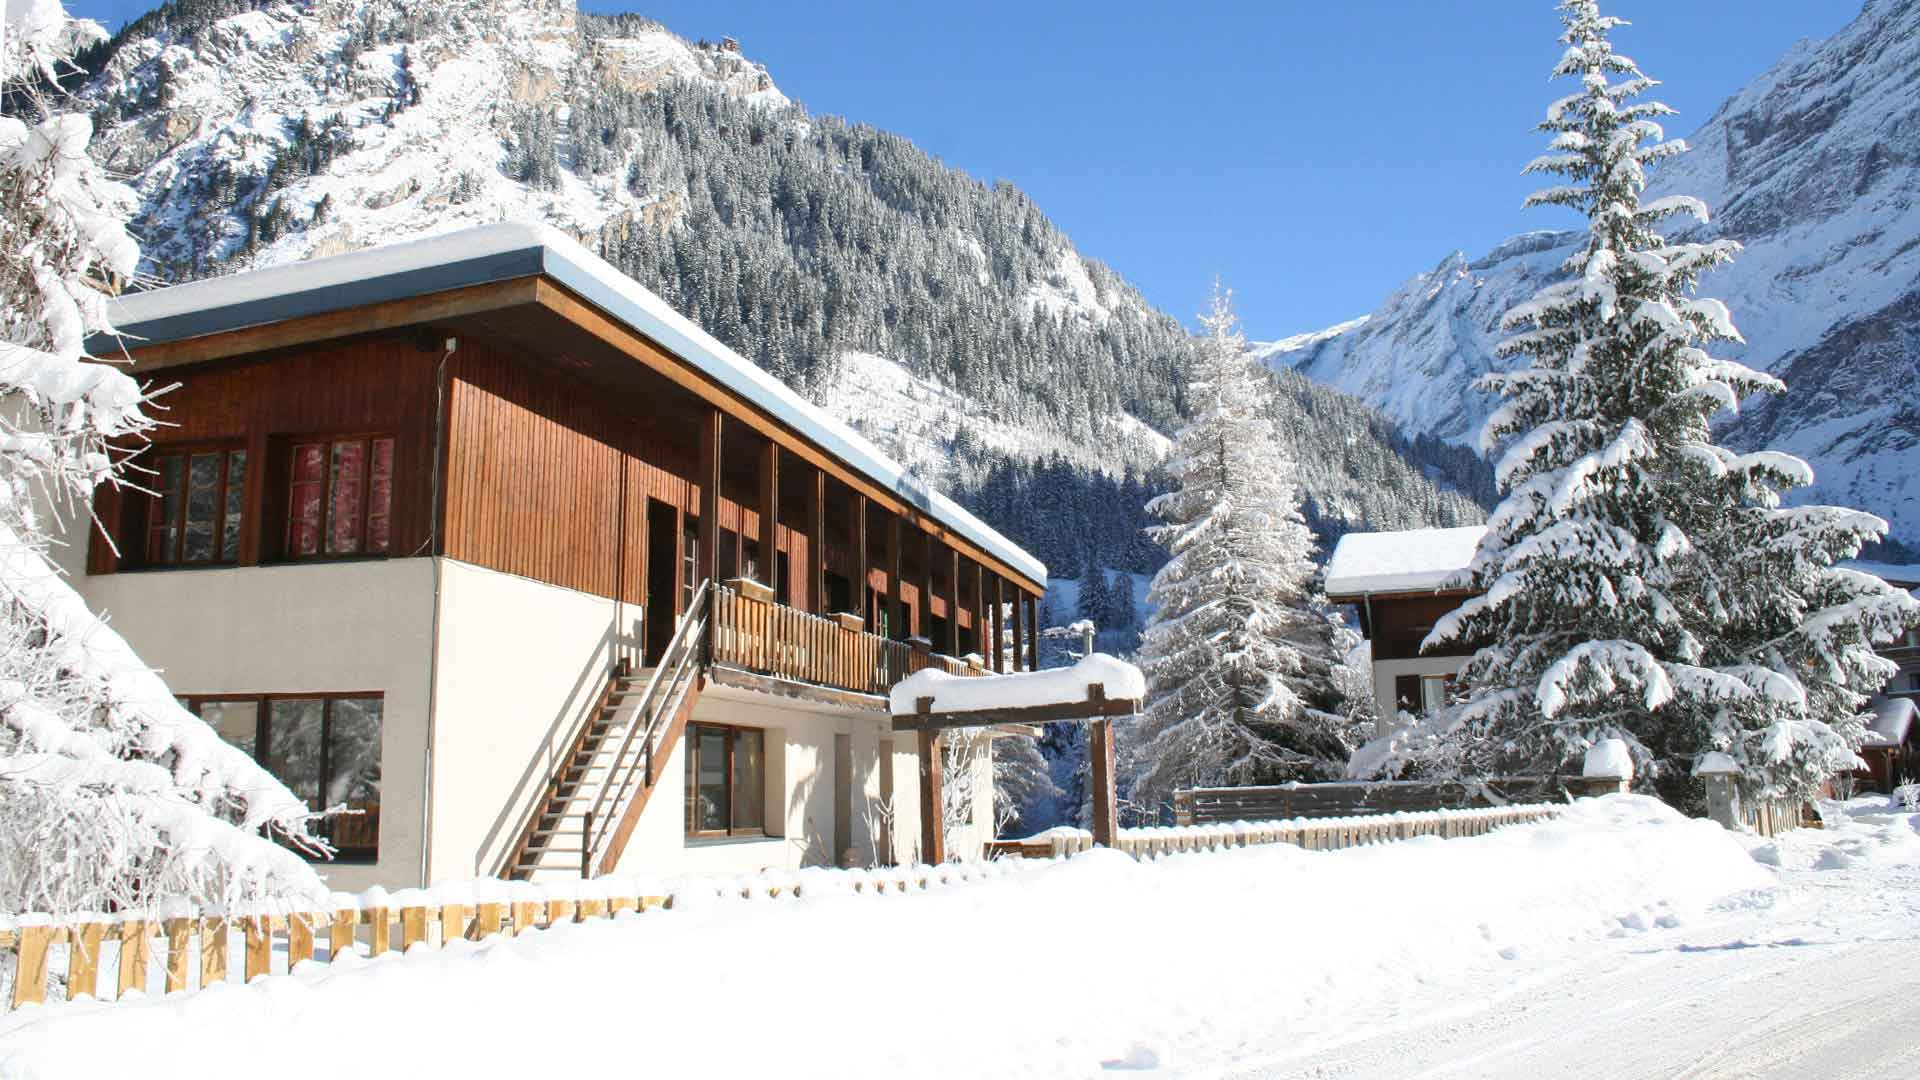 Séjours adaptés handicap moteur et mental à Pralognan-la-Vanoise à la montagne